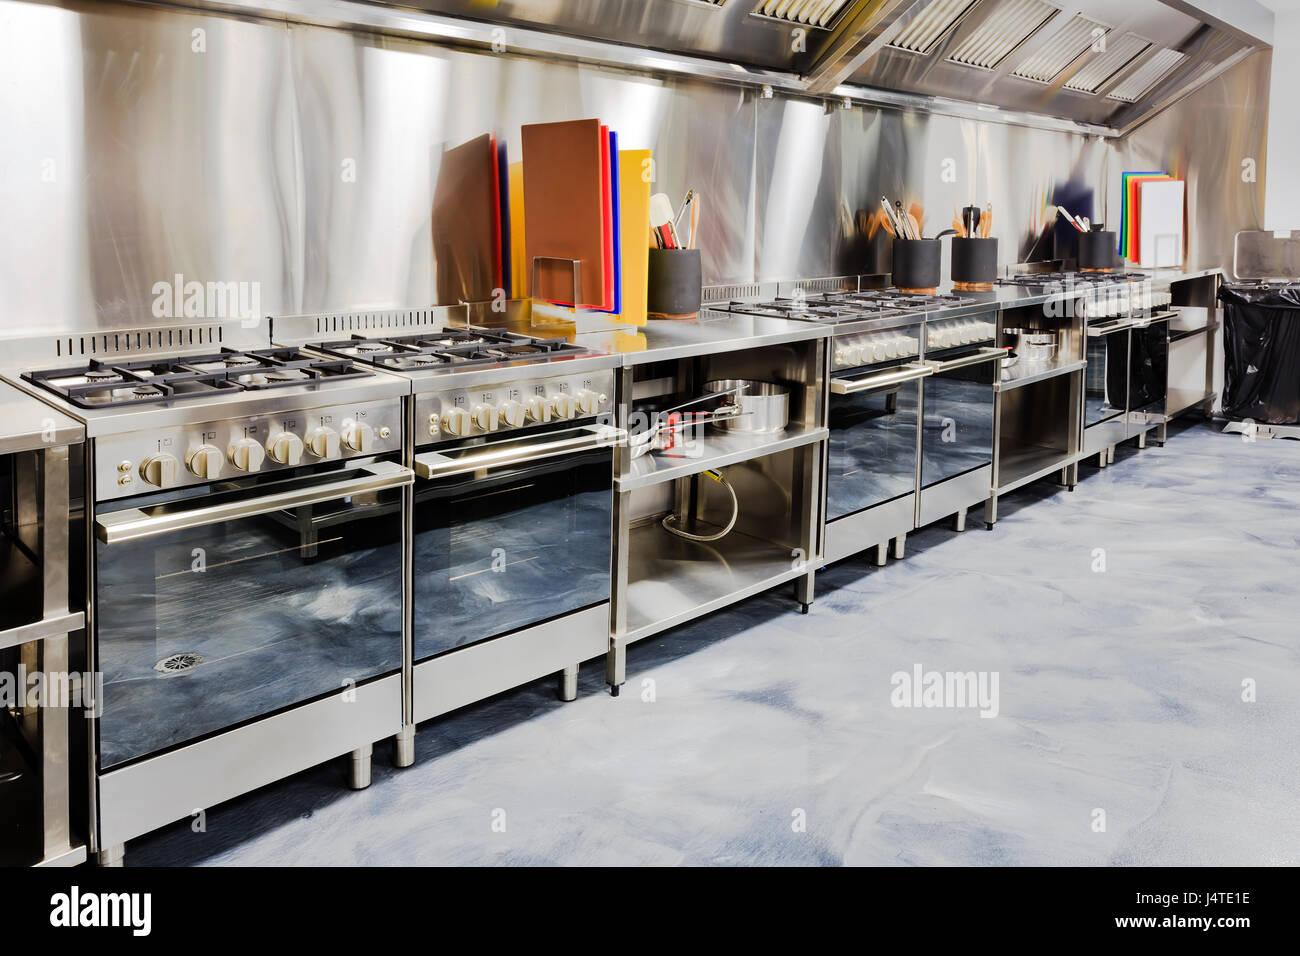 Küche Küchengeräte und Werkzeuge in brandneuen glänzenden saubere ...